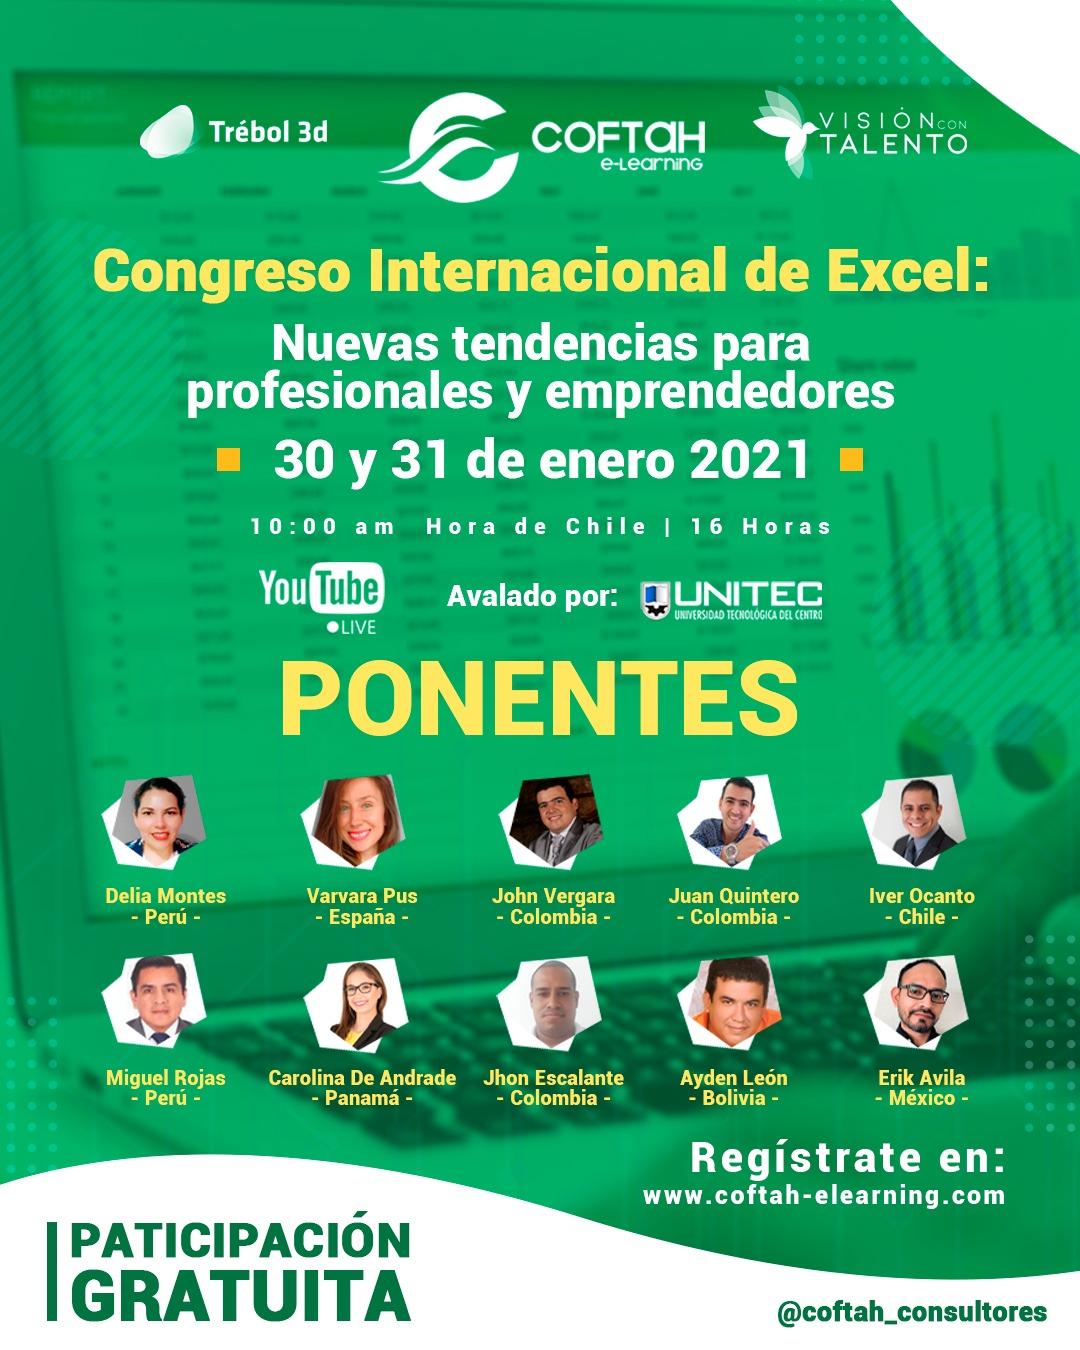 Congreso Internacional de Excel